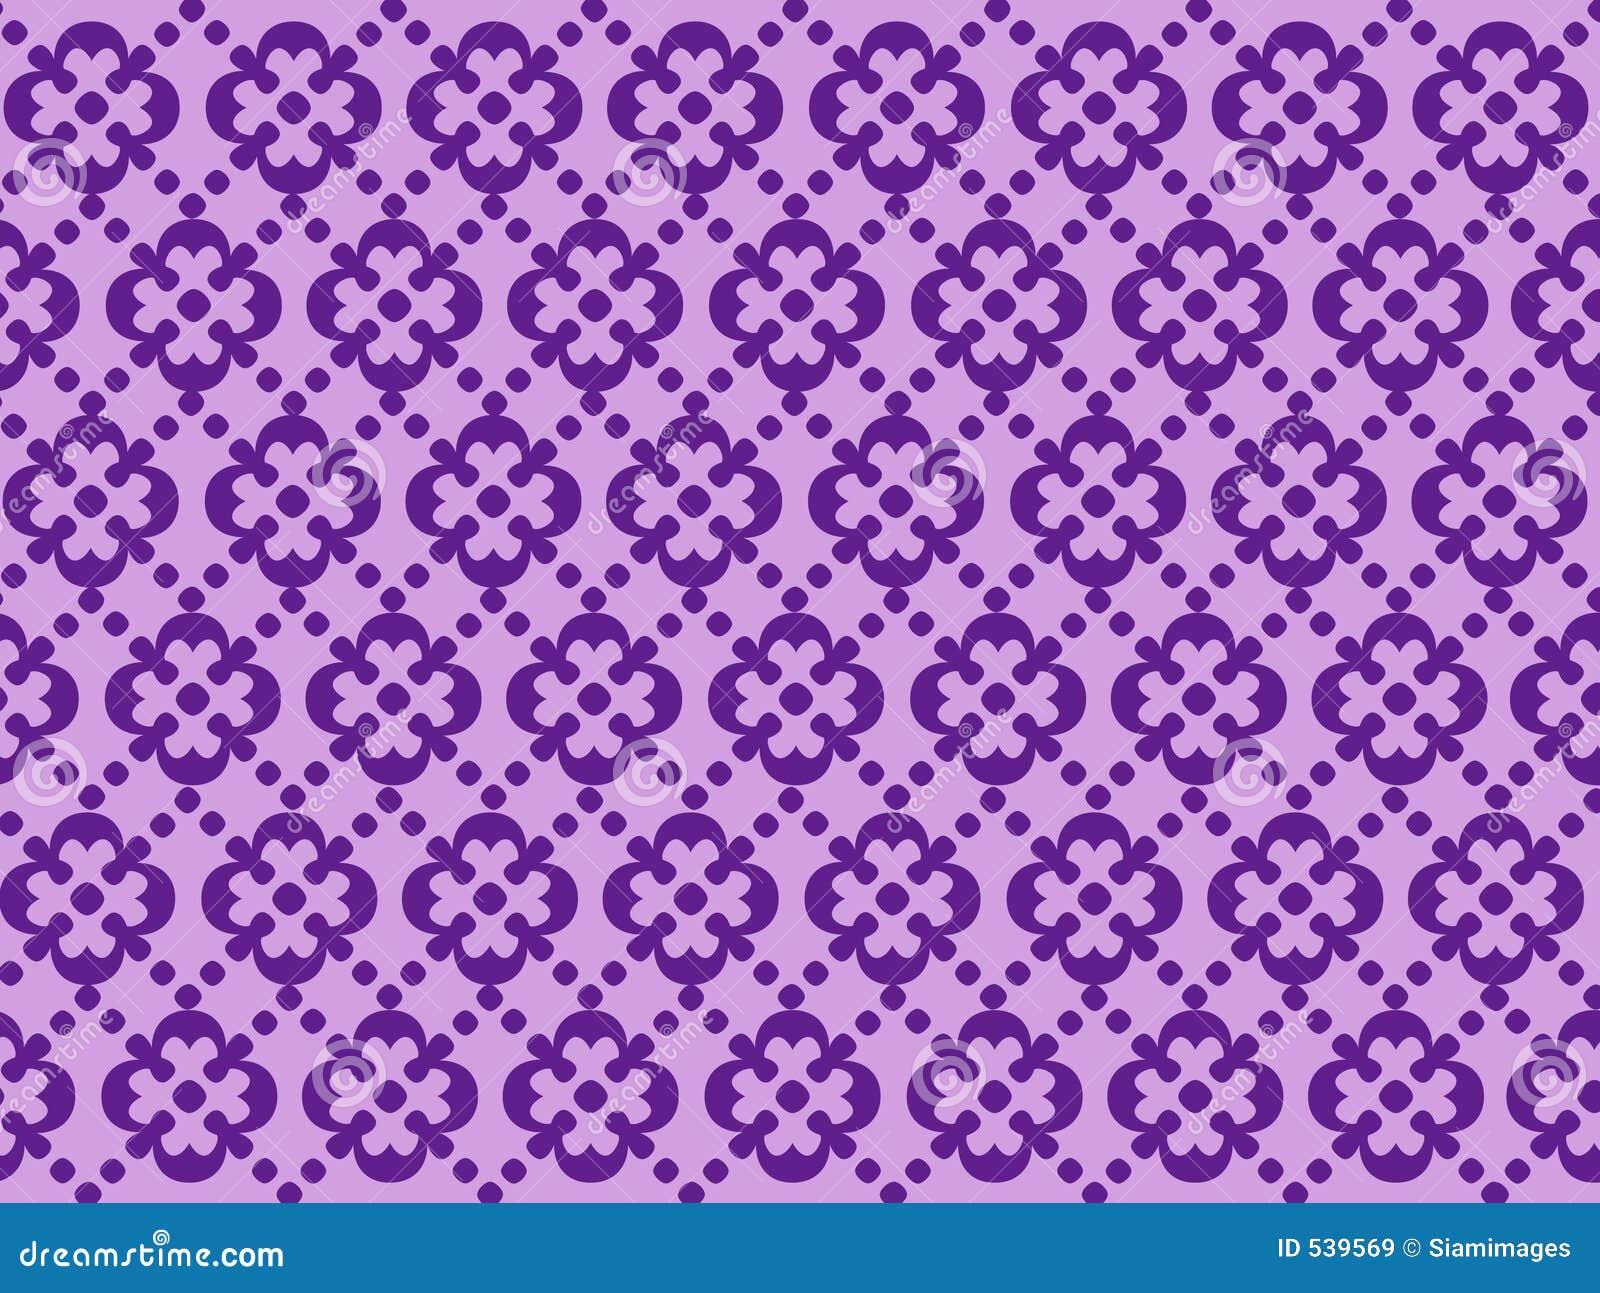 Download 14个艺术背景 库存例证. 插画 包括有 背包, 模式, 样式, 纹理, 抽象, 概念, 时髦, 线路, 梯度 - 539569